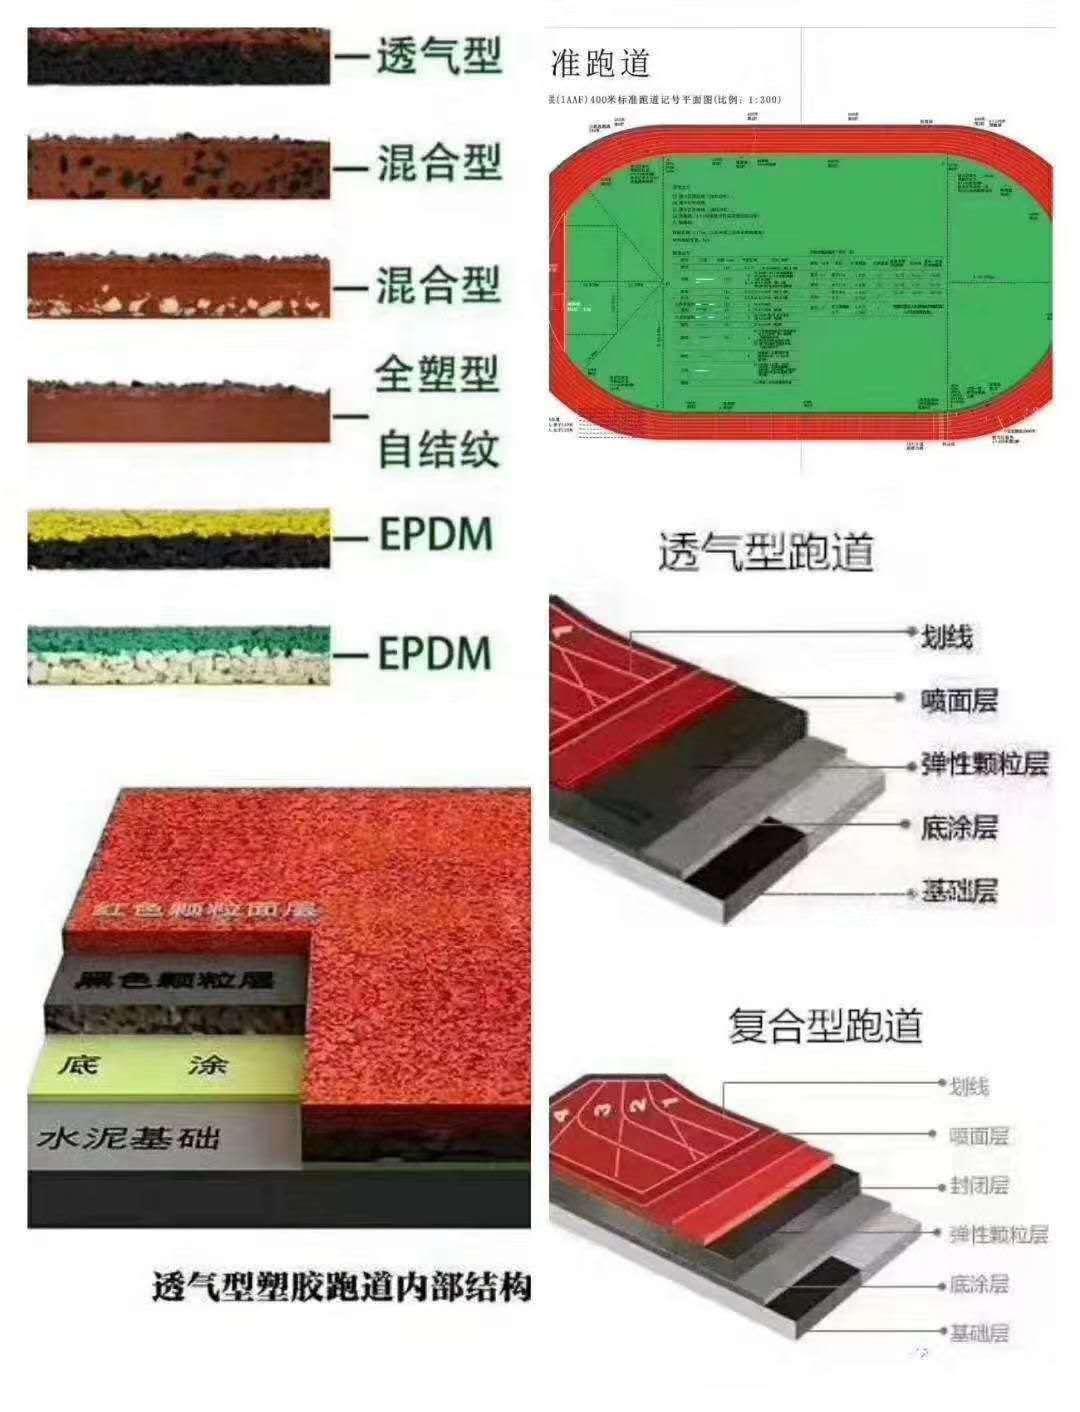 全塑型自结纹塑胶跑道厂家-武汉汉阳2021源头厂家